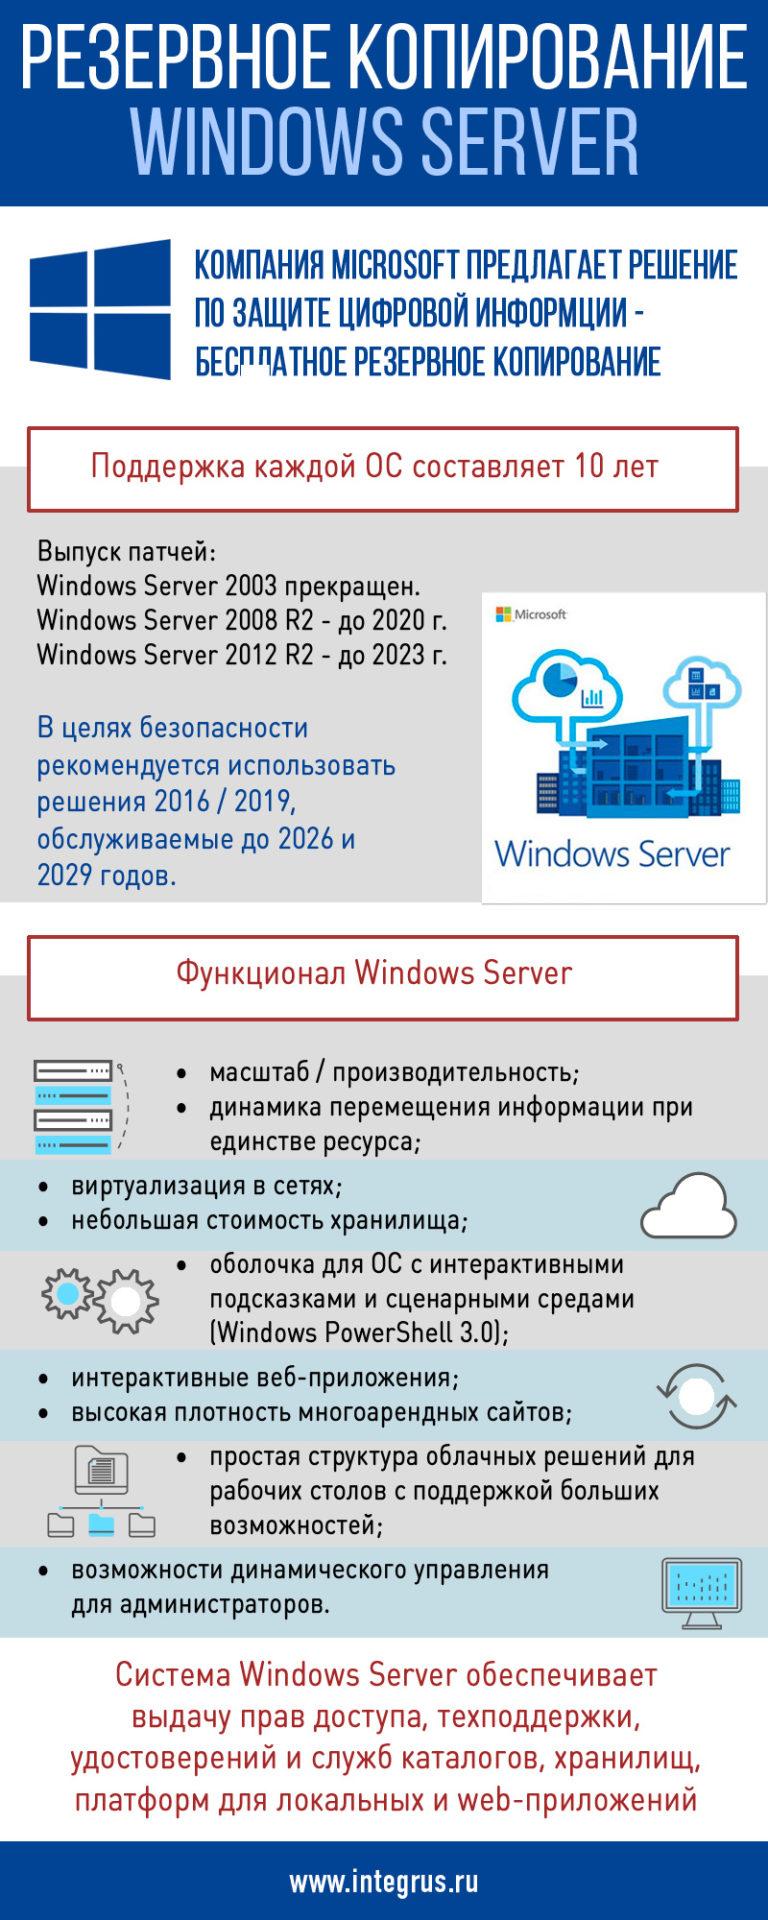 Резервное копирование в Windows Server